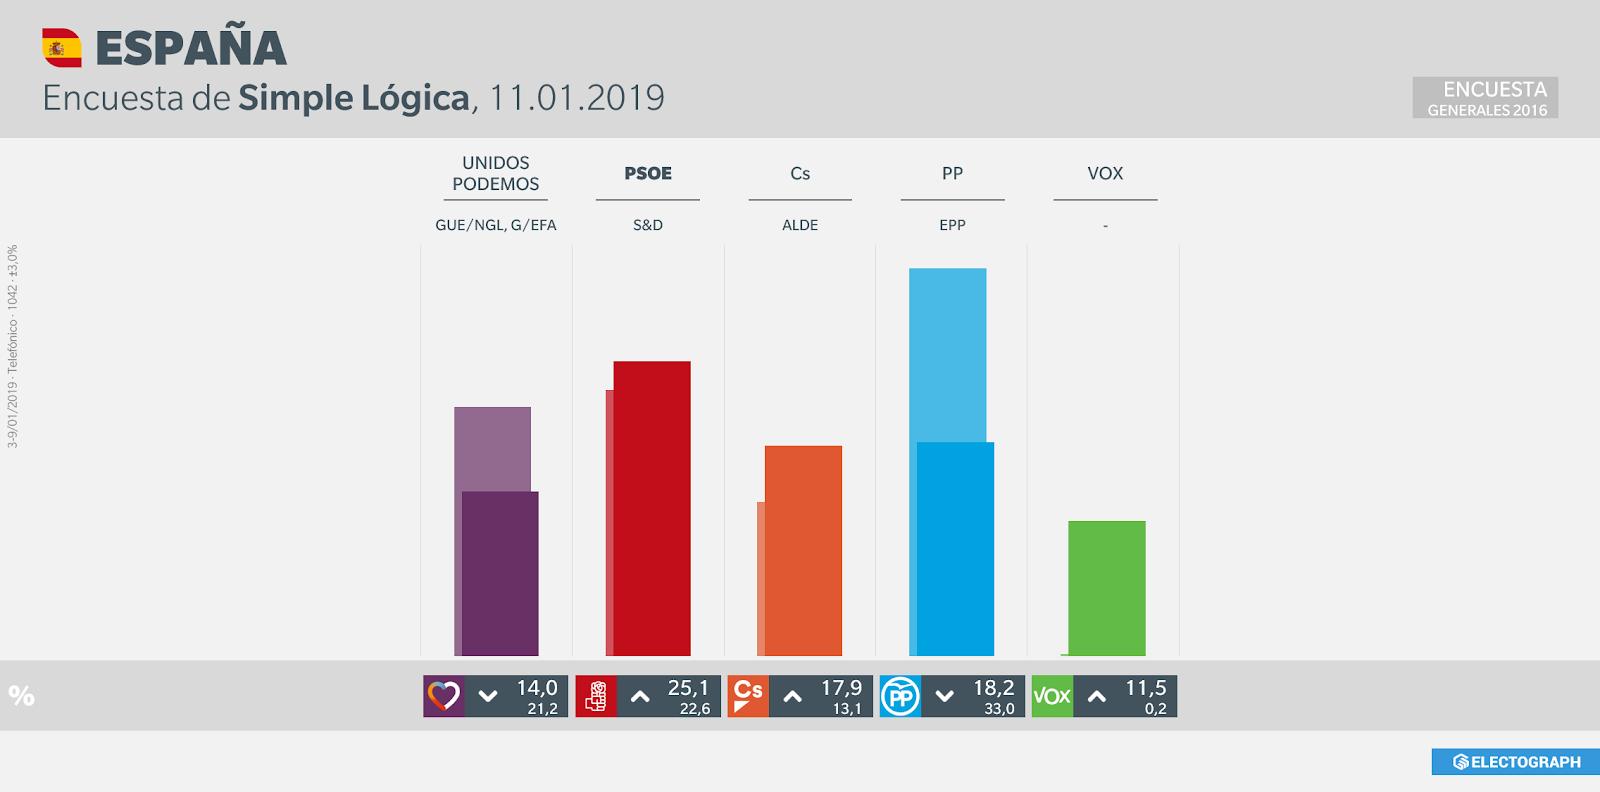 Gráfico de la encuesta para elecciones generales en España realizada por Simple Lógica, 11 de enero de 2019